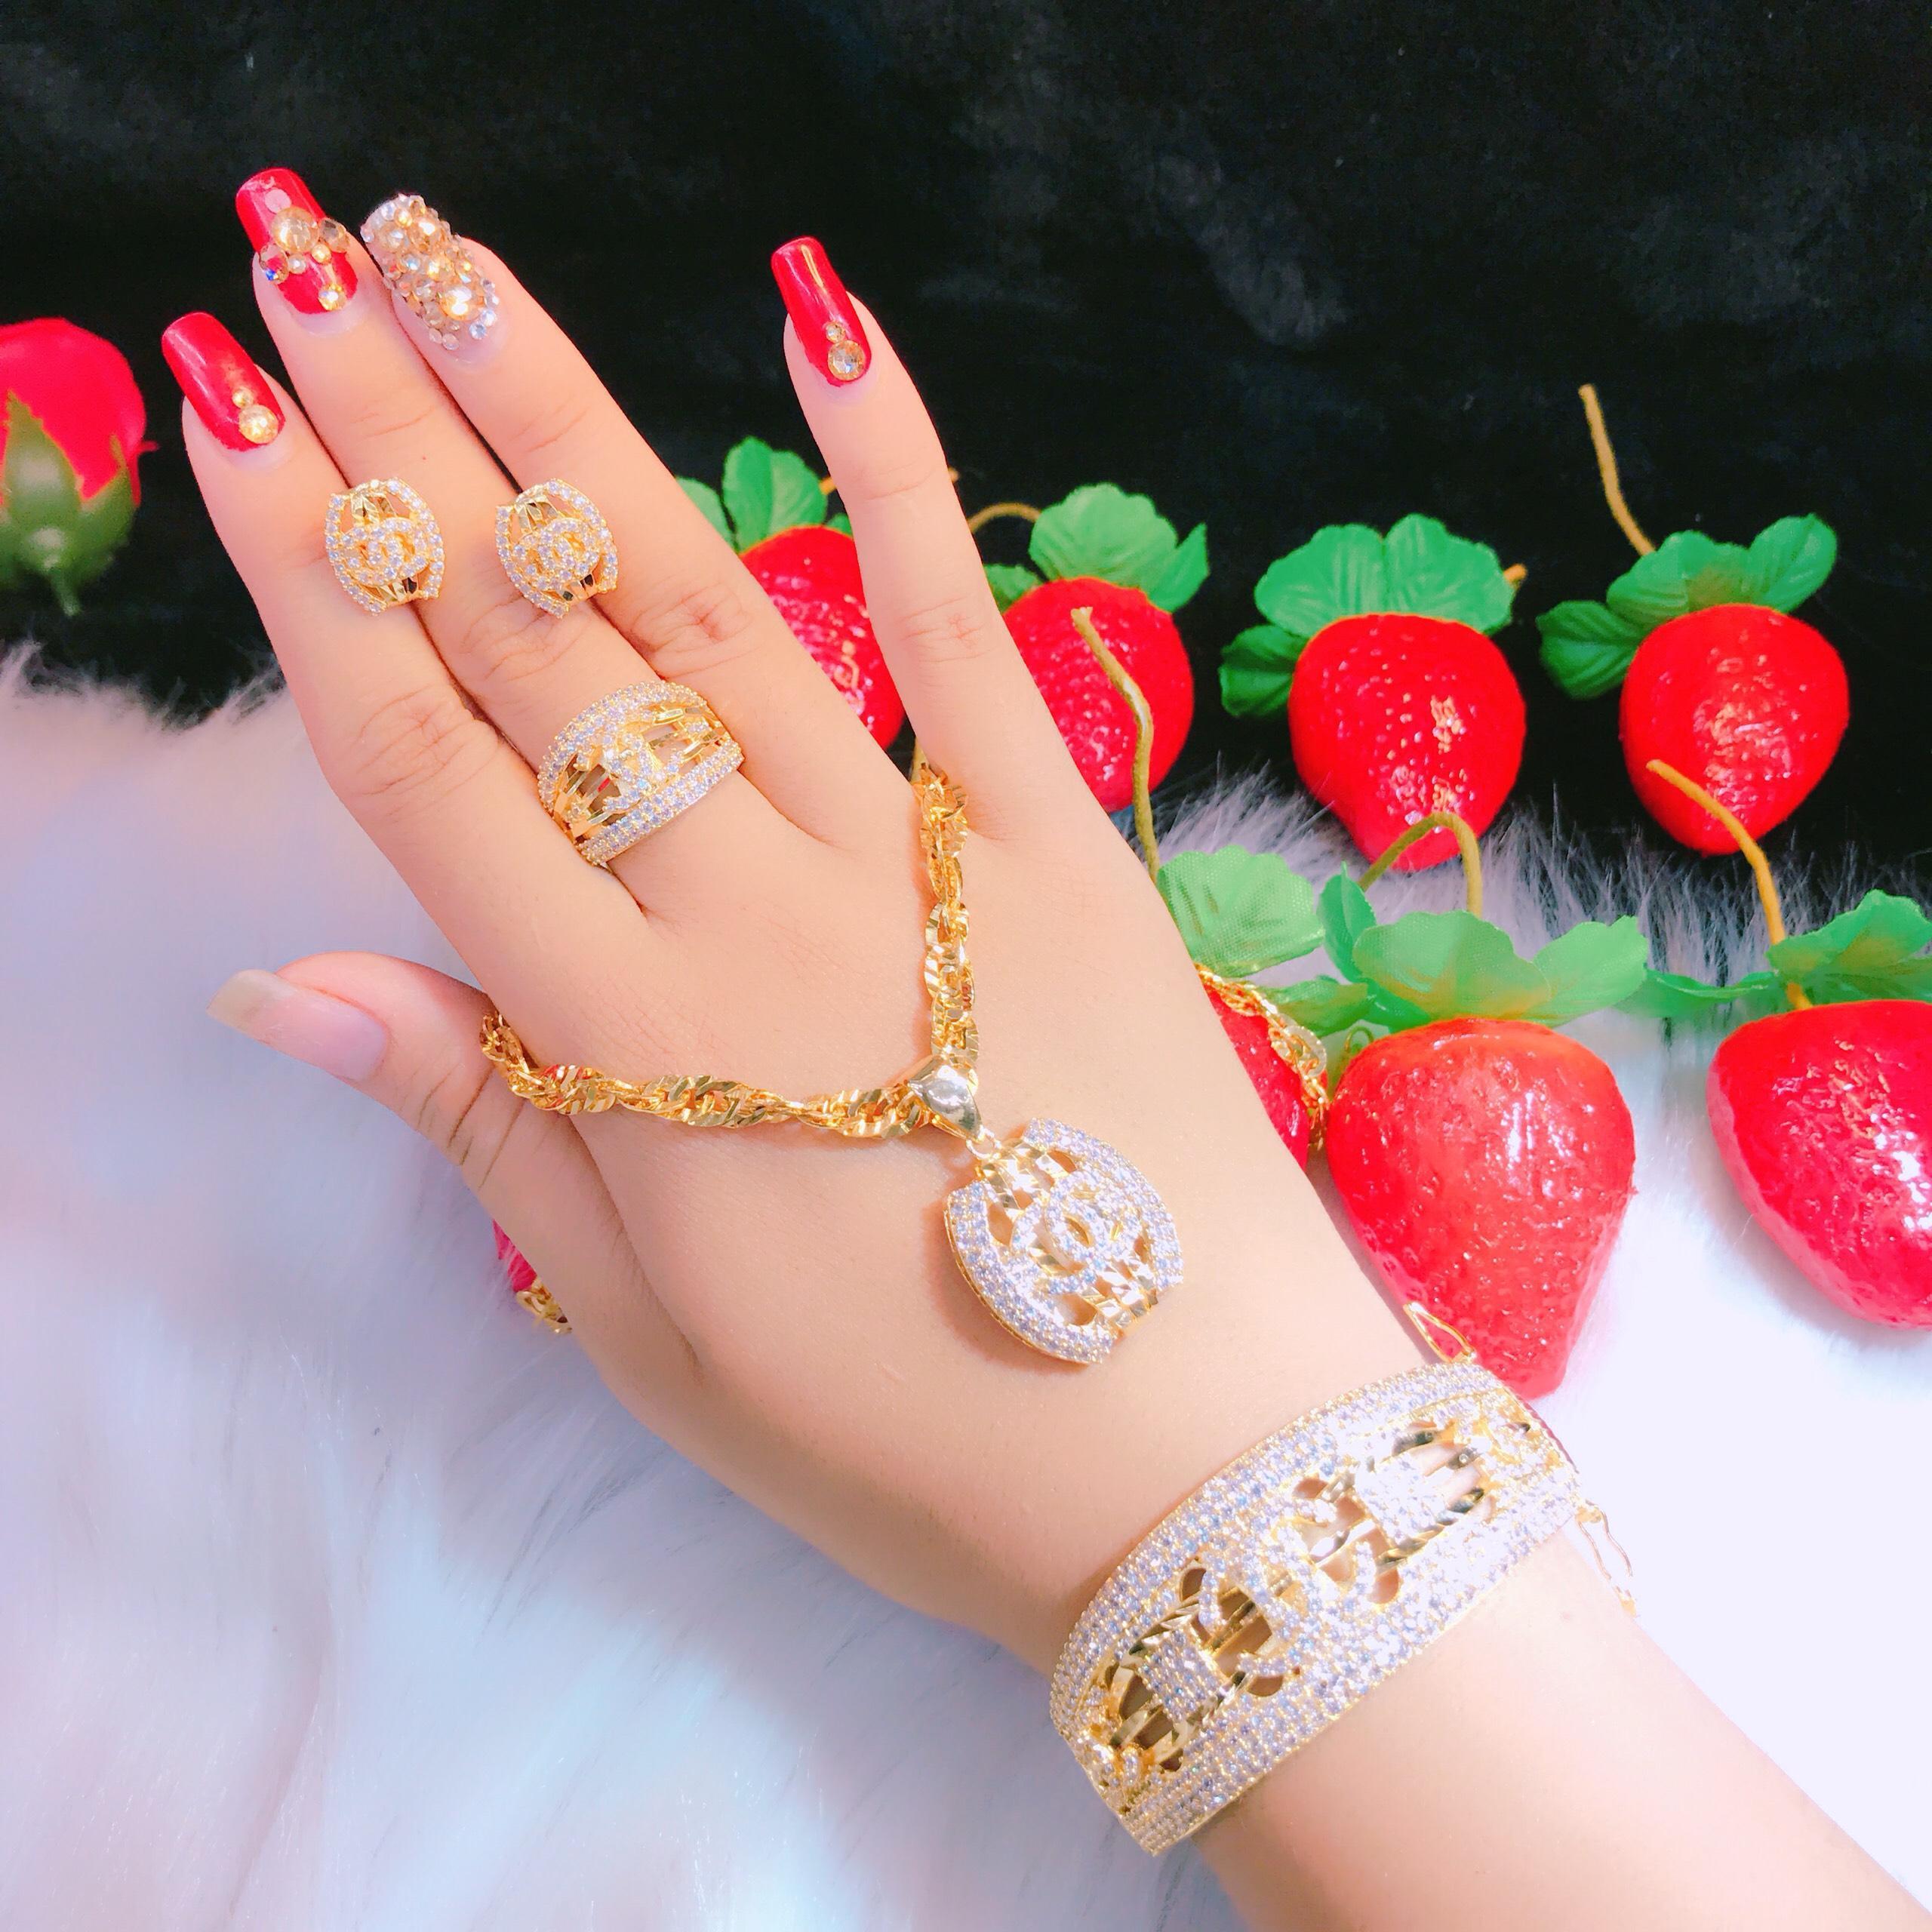 Bộ Trang Sức Chanell Cao Cấp - Givi shop - B40707147 , Bền Màu, Chất Liệu Bạc Thái, Không Đen, Không Ngứa - Thiết Kế Đi Tiệc, bộ trang sức vàng trắng đẹp, giá vàng trang sức, bộ trang sức vàng đẹp, những bộ trang sức vàng đẹp, bộ nữ tra